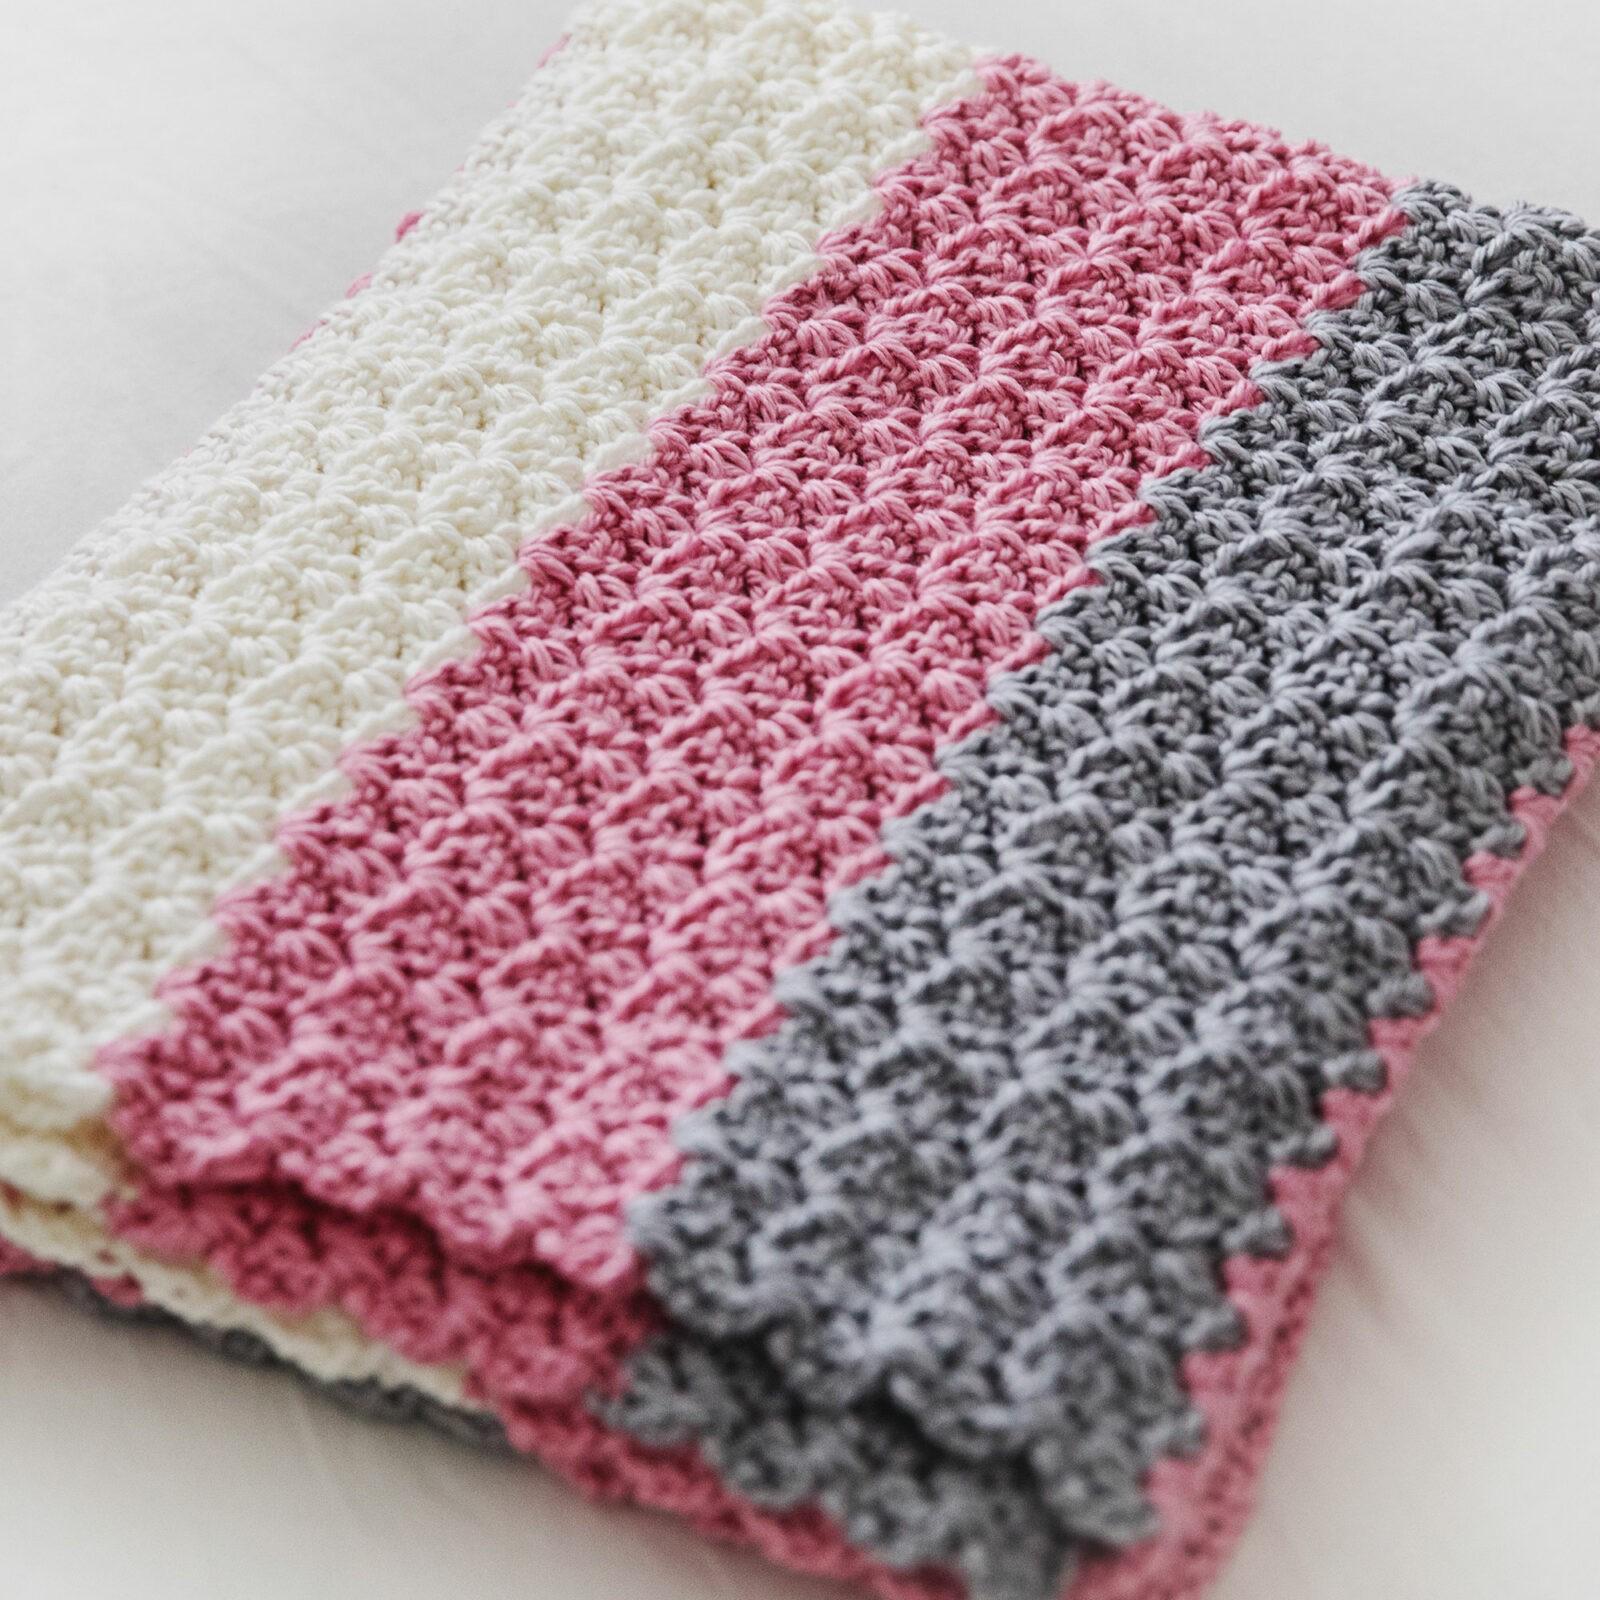 f54a23e0d5285 Simply Sweet Crochet Baby Blanket Pattern - Leelee Knits